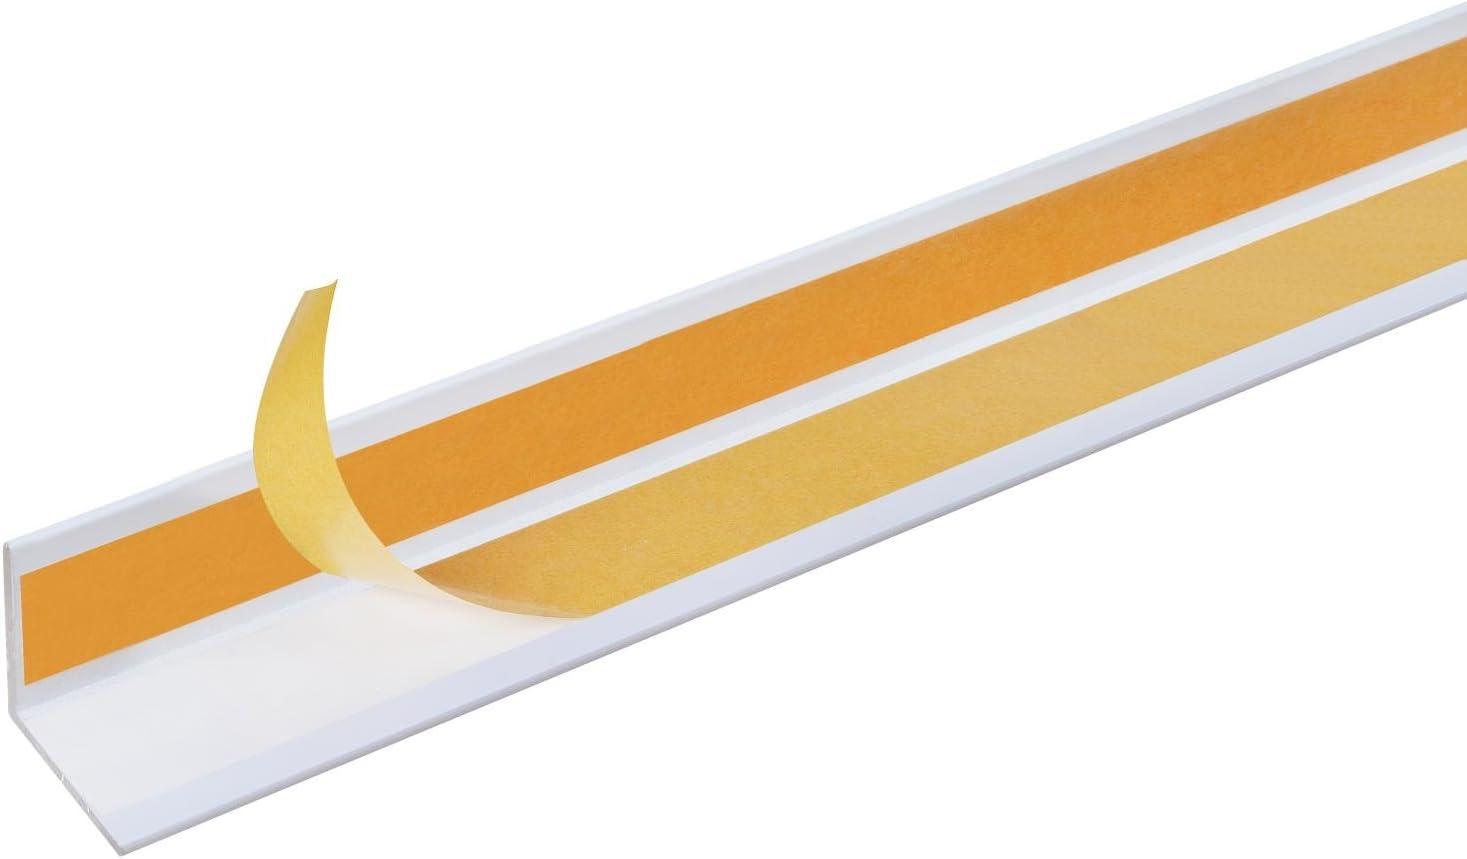 Aluminium silberfarbig eloxiert GAH-Alberts 433536 Winkelprofil selbstklebend 1000 x 20 x 20 mm